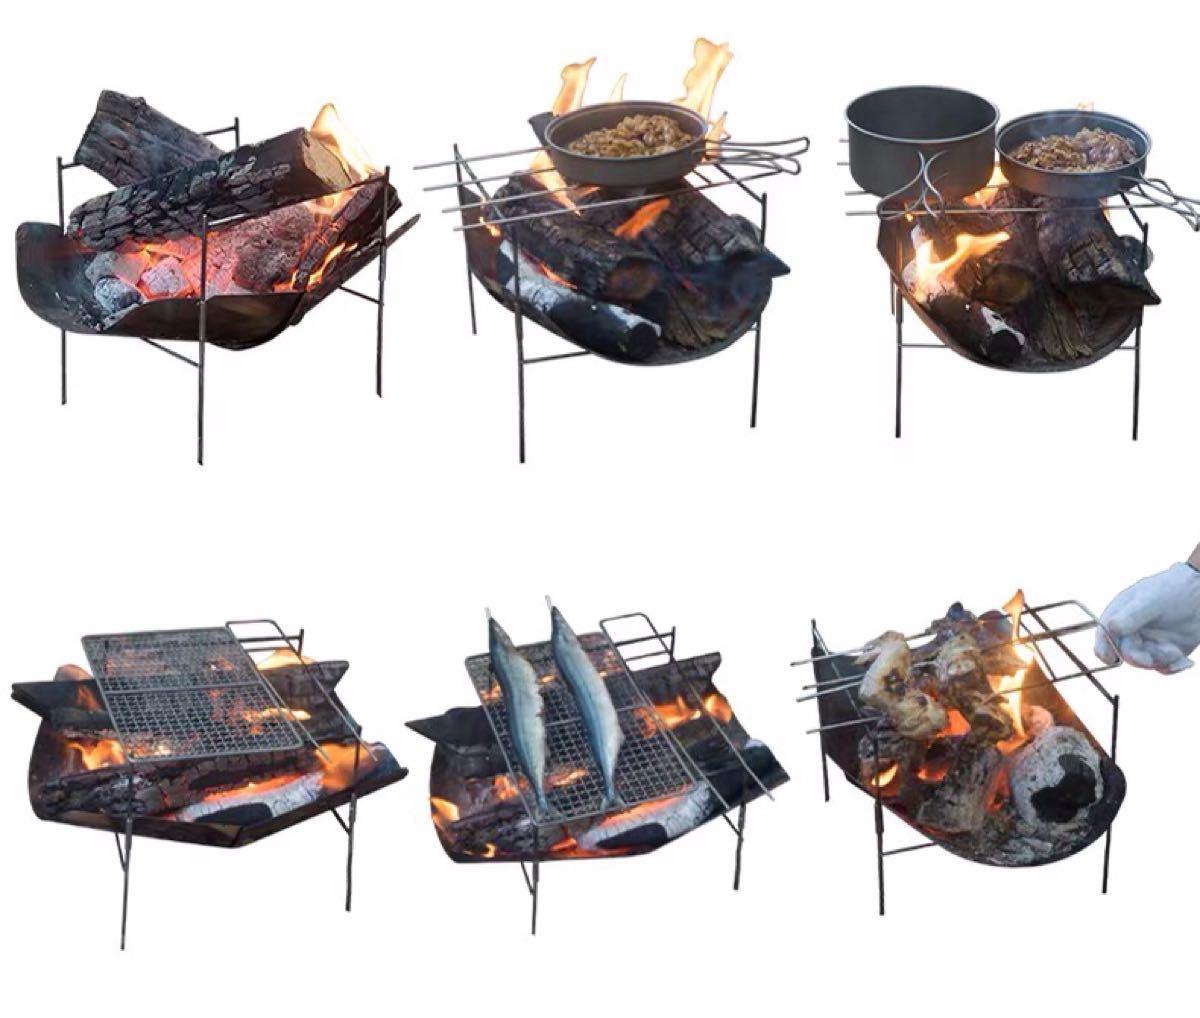 焚き火台 頑丈 キャンプ用品 スピット3本付属 バーベキューコンロ